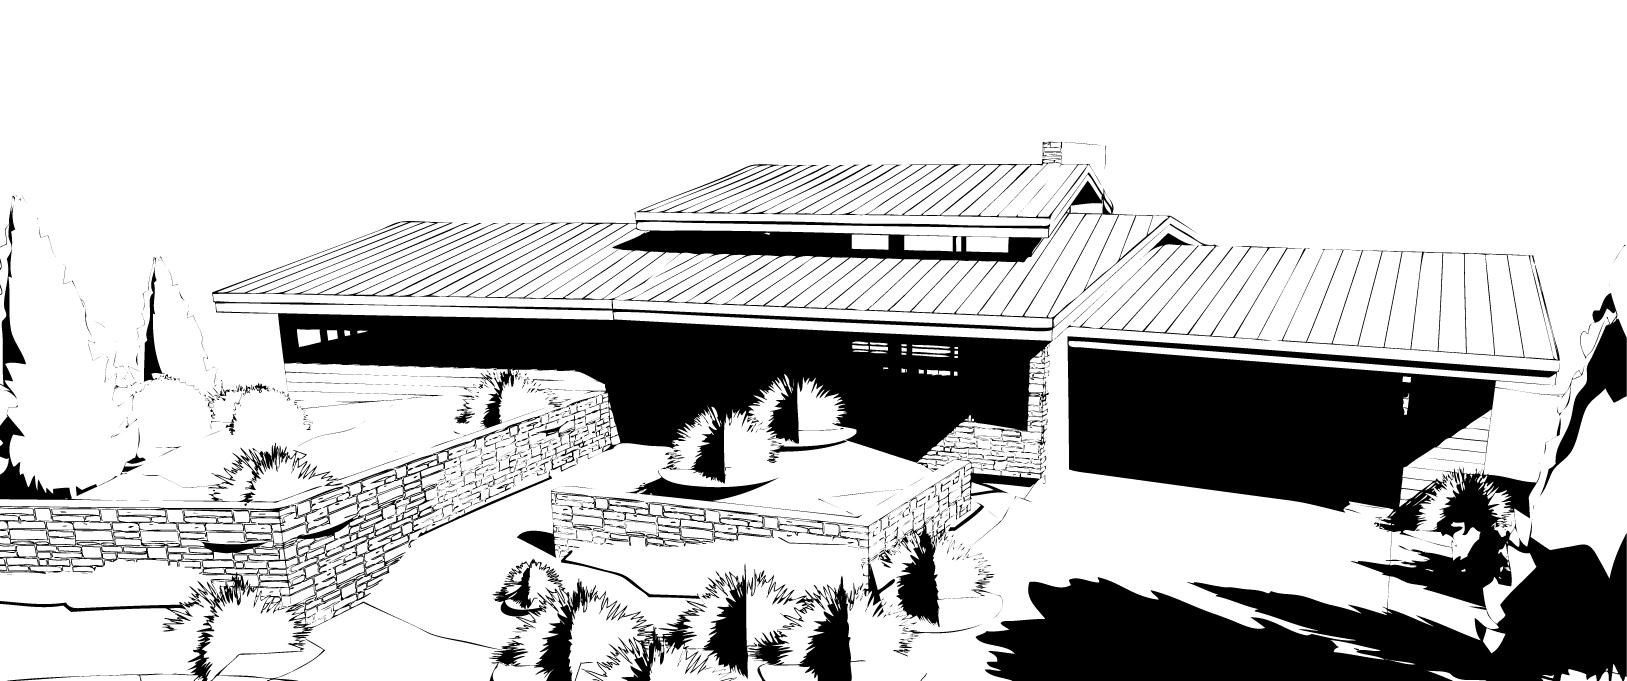 KZ House | Park City Design + Build